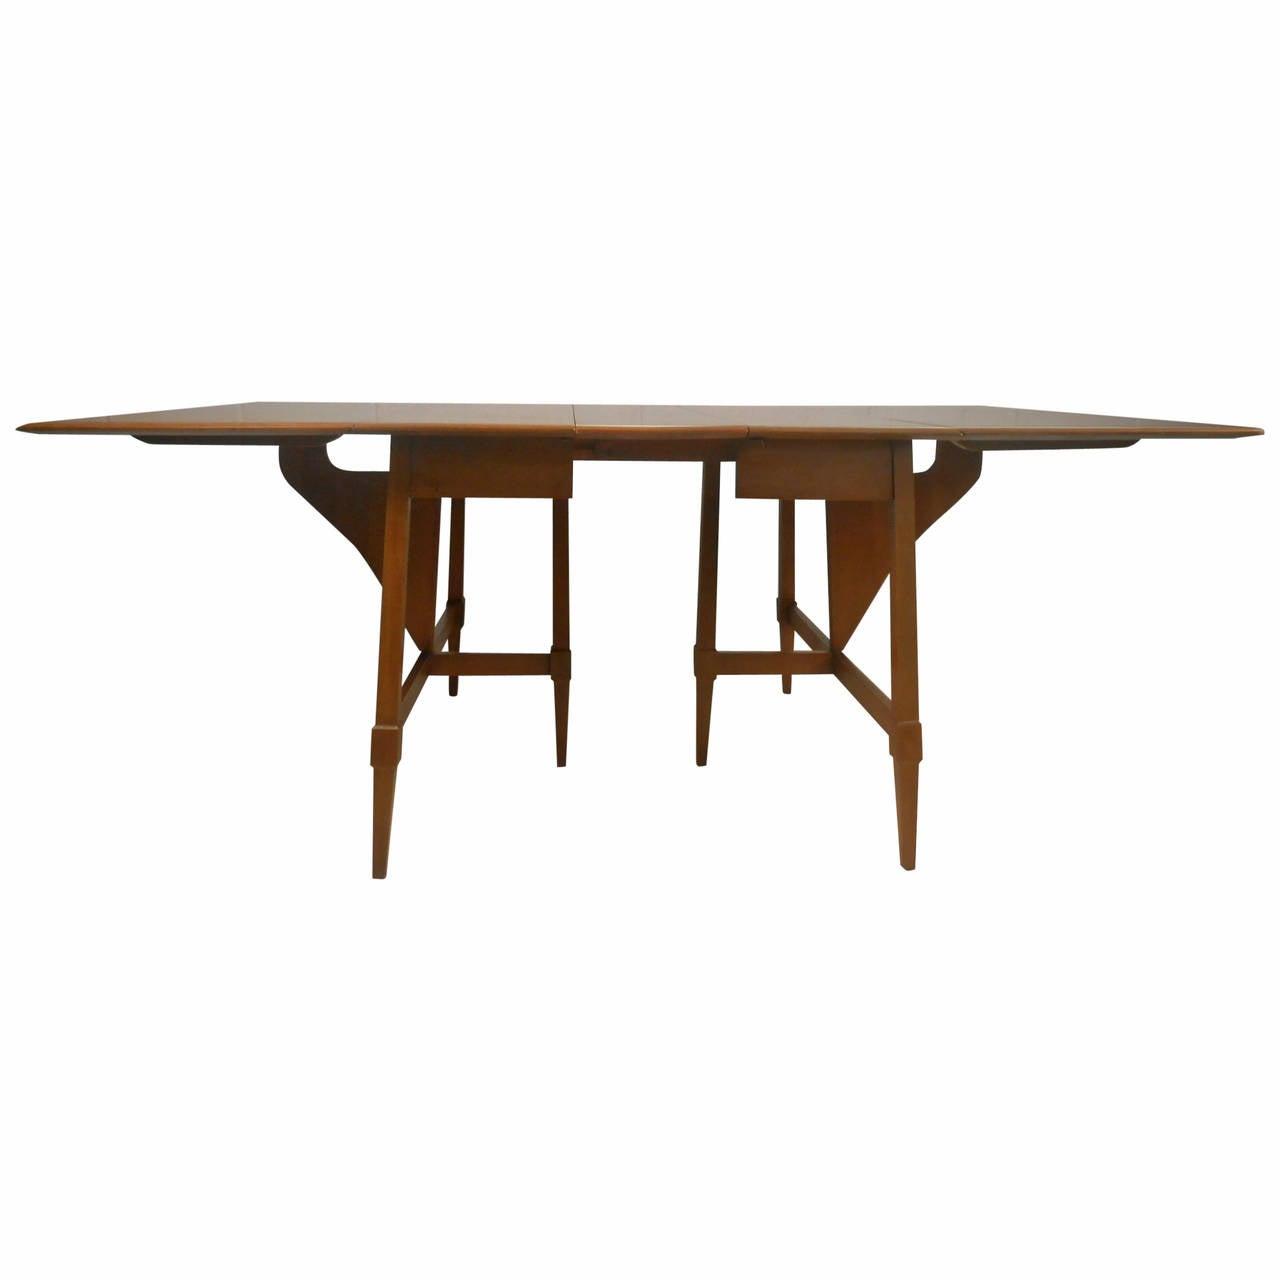 Mid-Century Modern Drop-Leaf Table